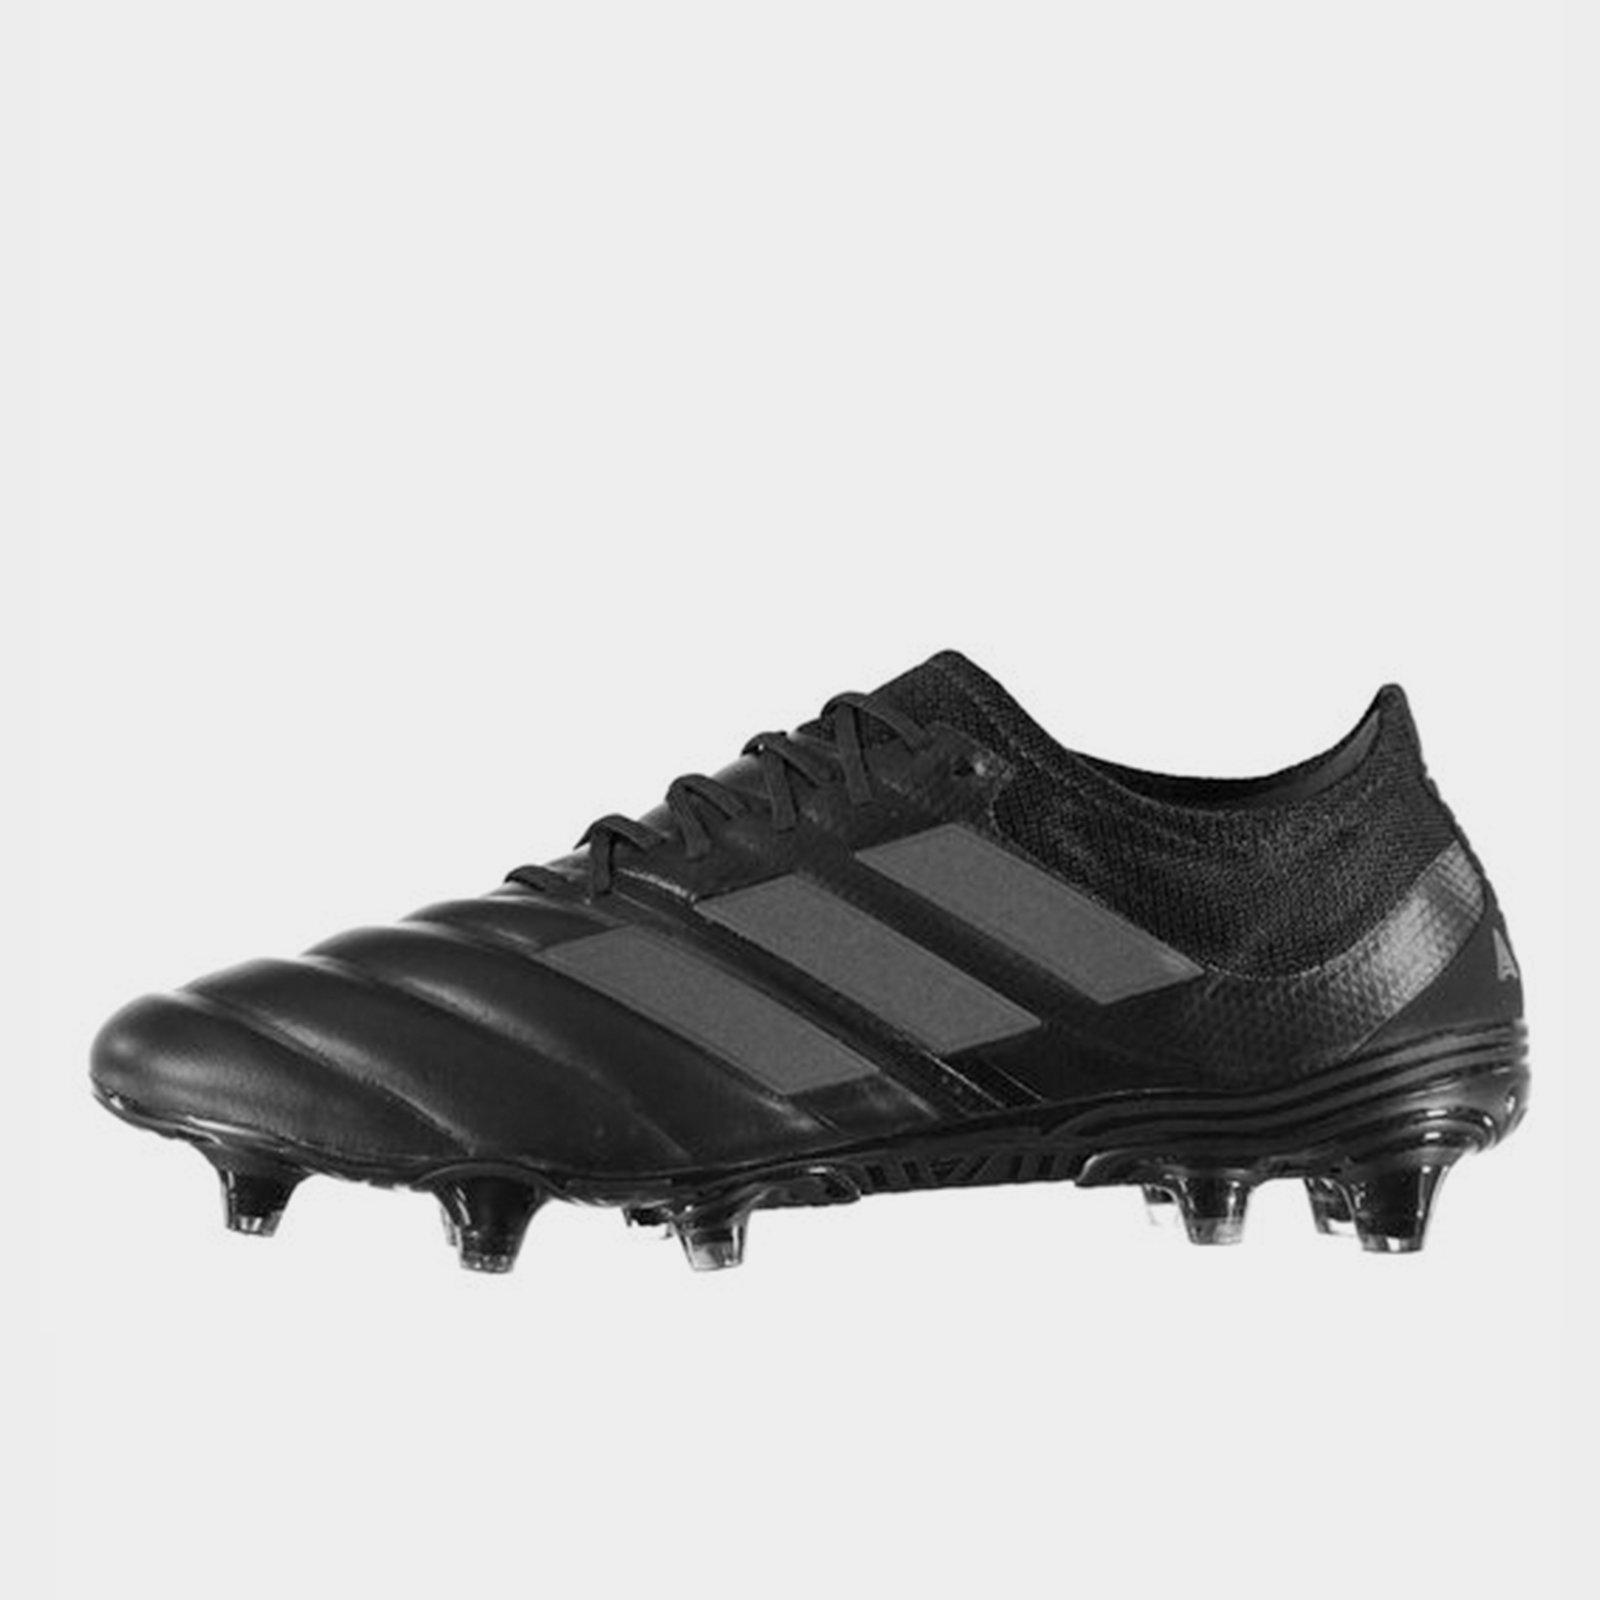 Copa 19.1 FG Mens Football Boots